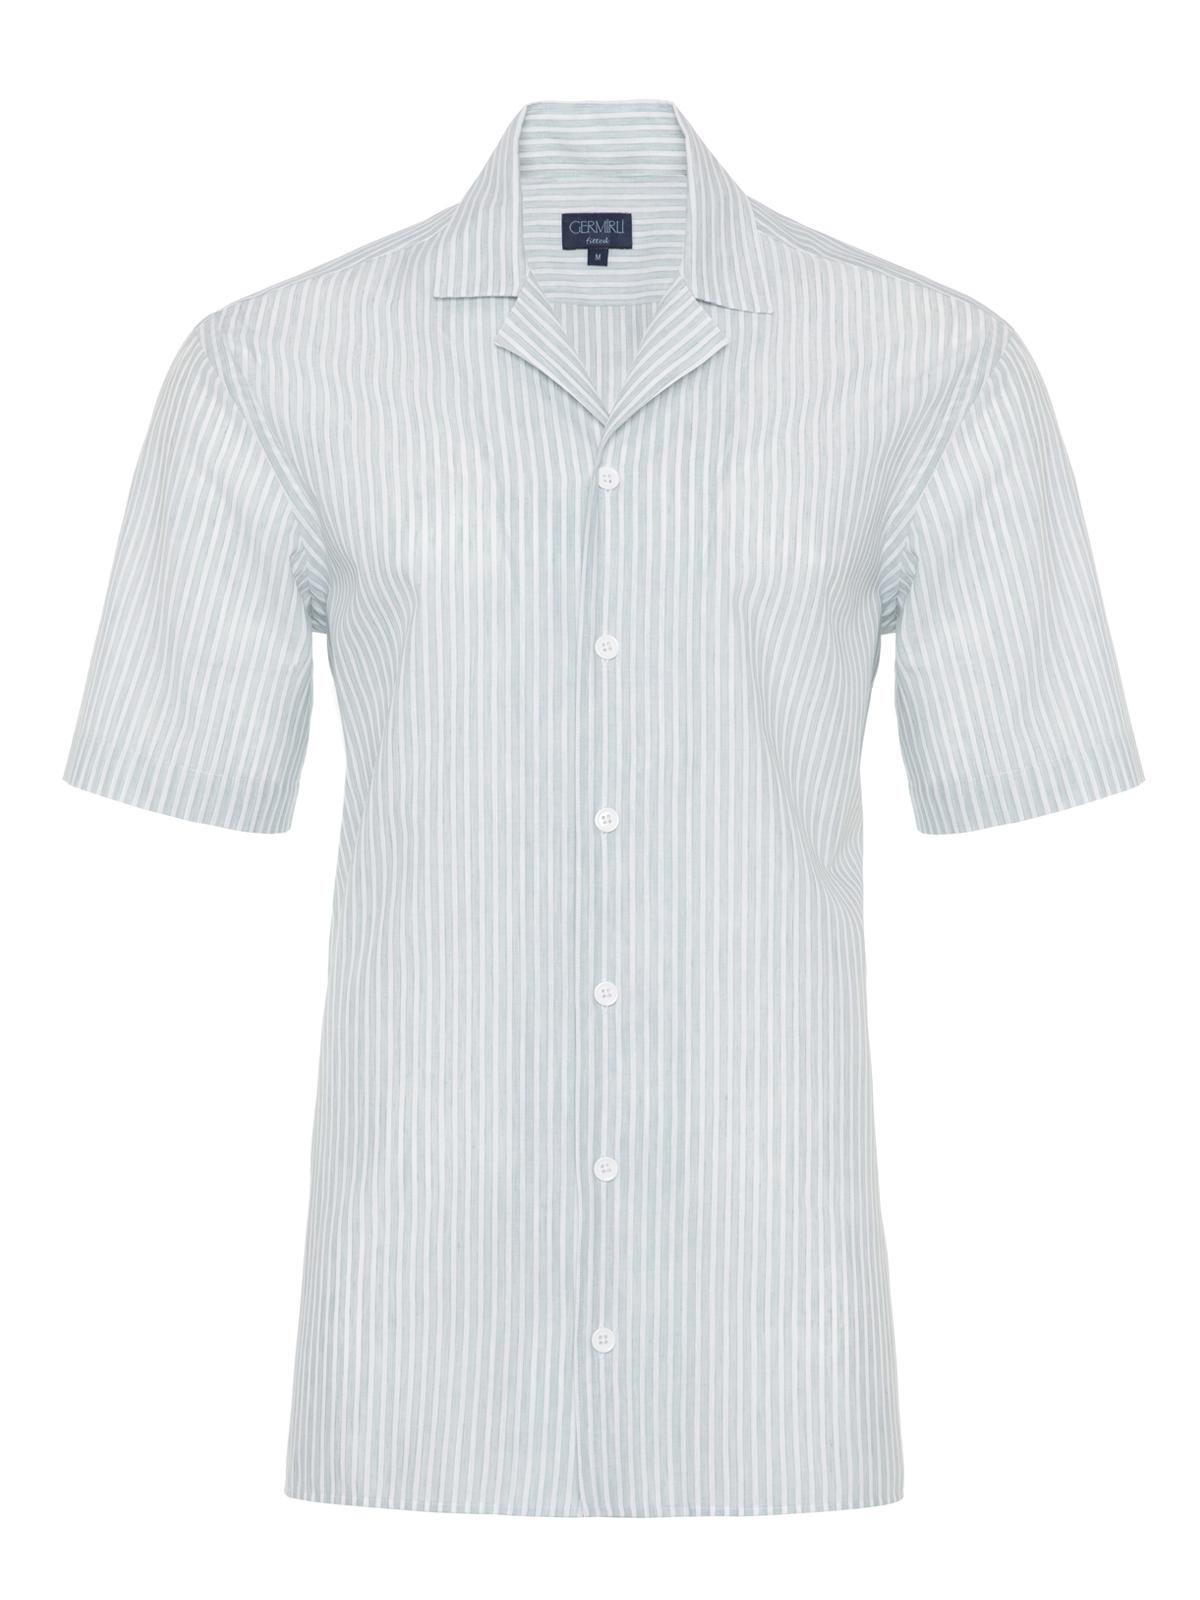 Germirli Yeşil Beyaz Çizgili Hawaii Kısa Kollu Tailor Fit Gömlek